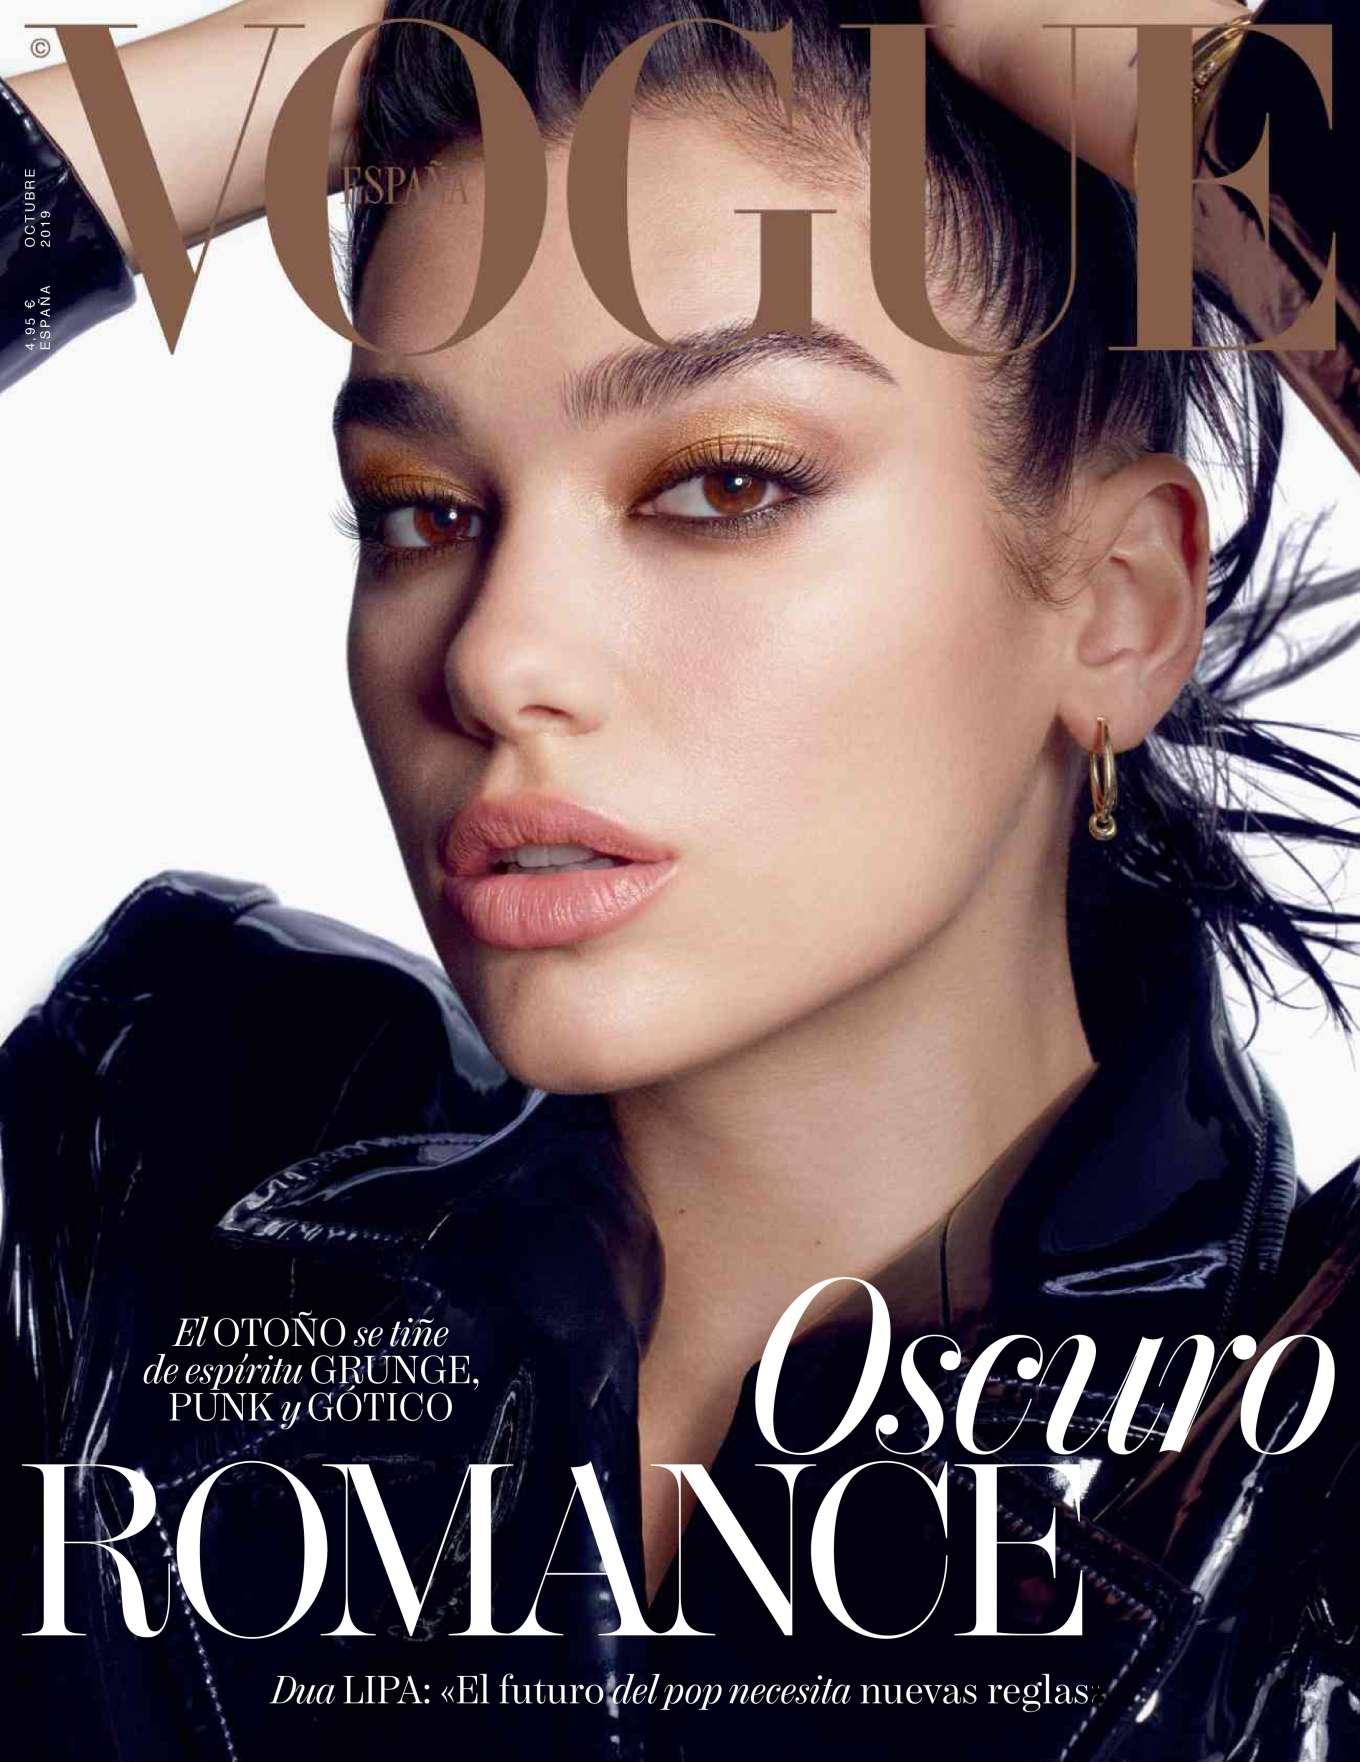 Dua Lipa 2019 : Dua Lipa – Vogue Espana 2019-06